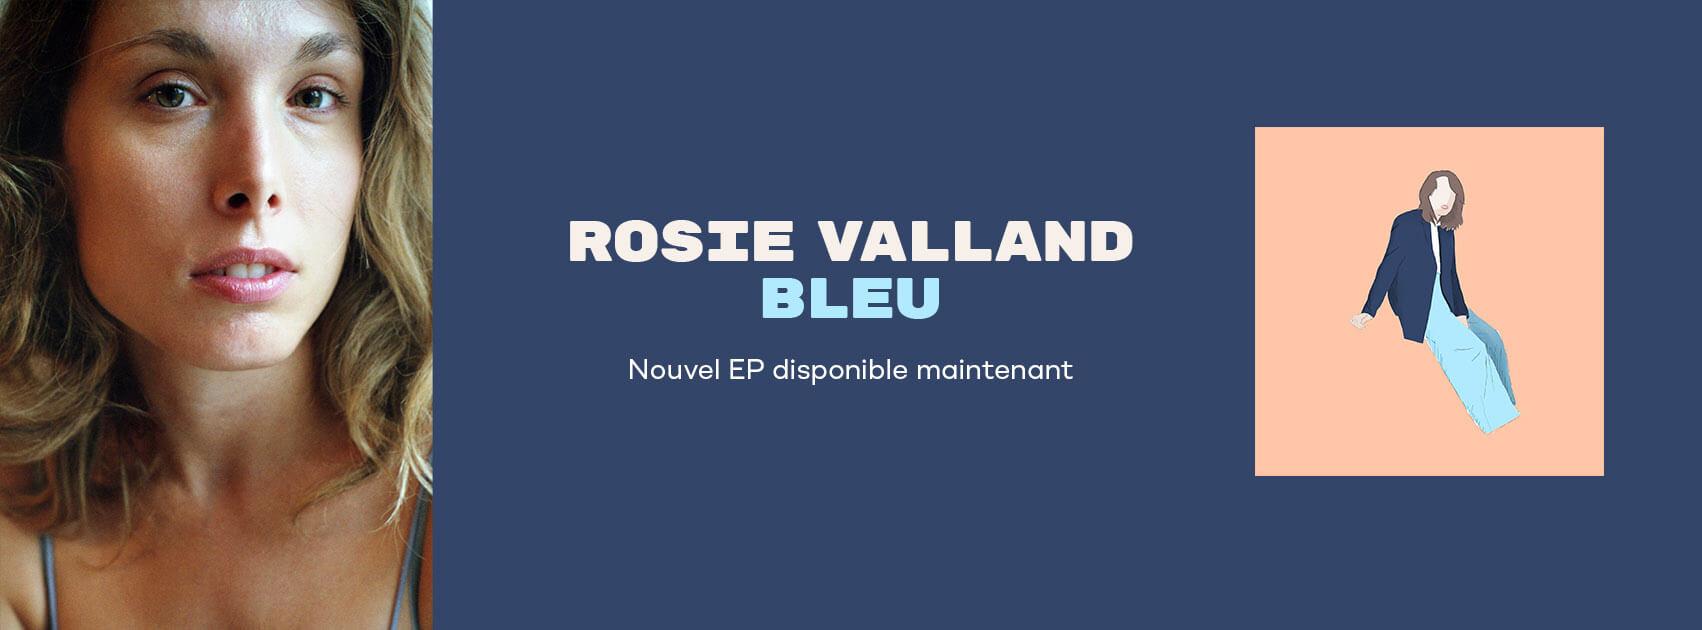 RosieValland-Bleu-SCRWebsite-FR (1)